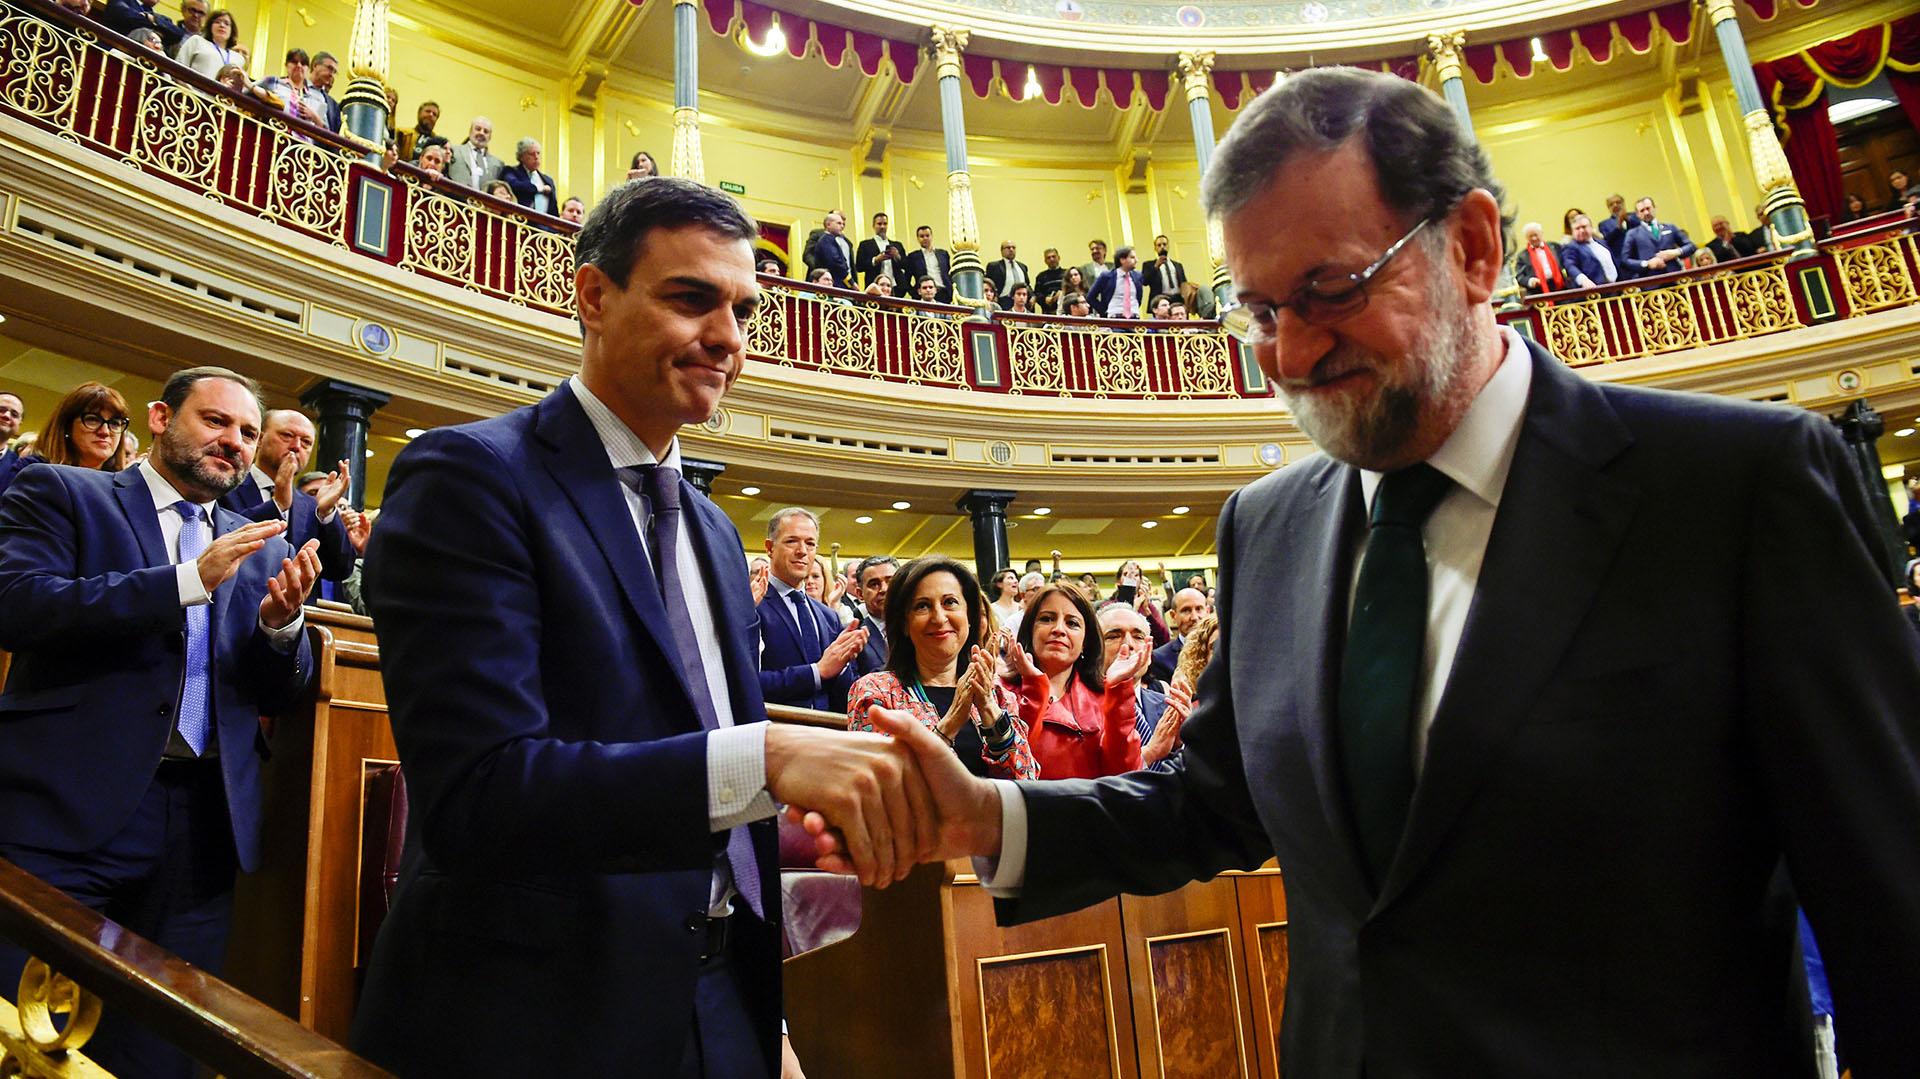 El Congreso español destituye al presidente Mariano Rajoy por corrupción, y Pedro Sánchez, líder del Partido Socialista Obrero Español (PSOE), asume en su lugar el 1 de junio